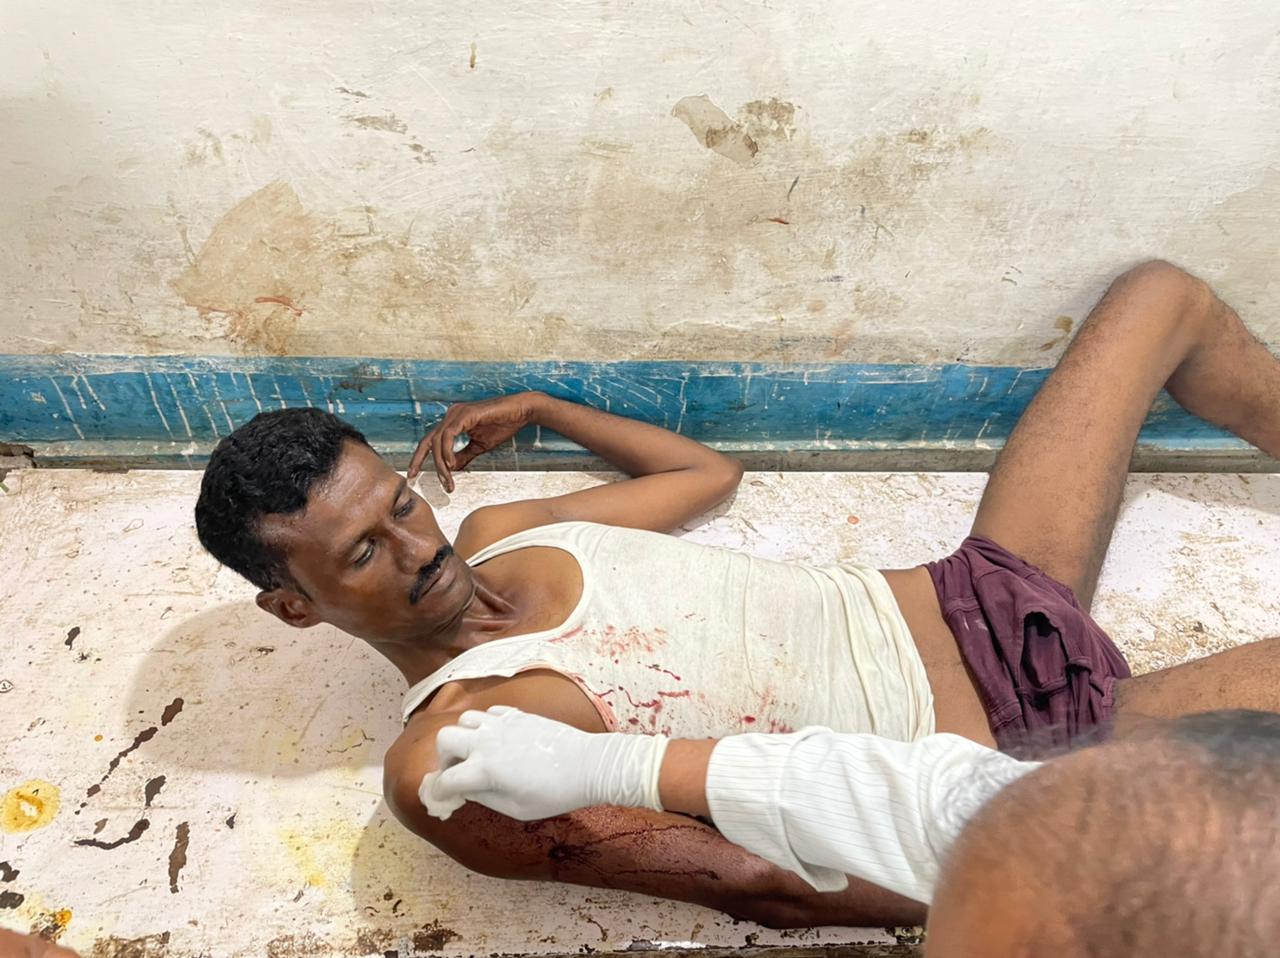 पवन के दांए हाथ में गोली लगी थी फिलहाल अभी पवन का उपचार चल रहा है। - Dainik Bhaskar